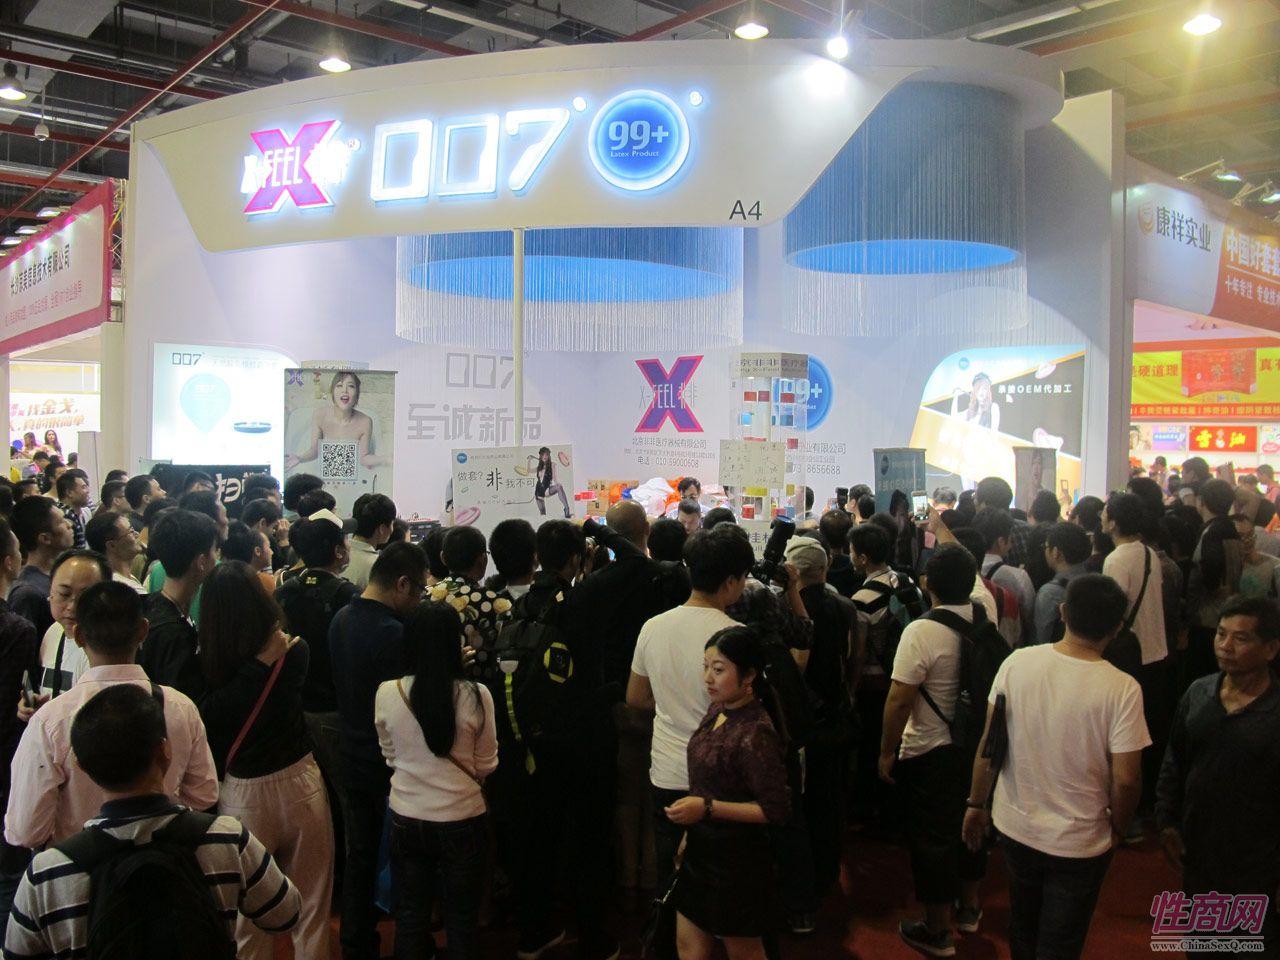 北京非非携新款007安全套参展广州性文化节图片2